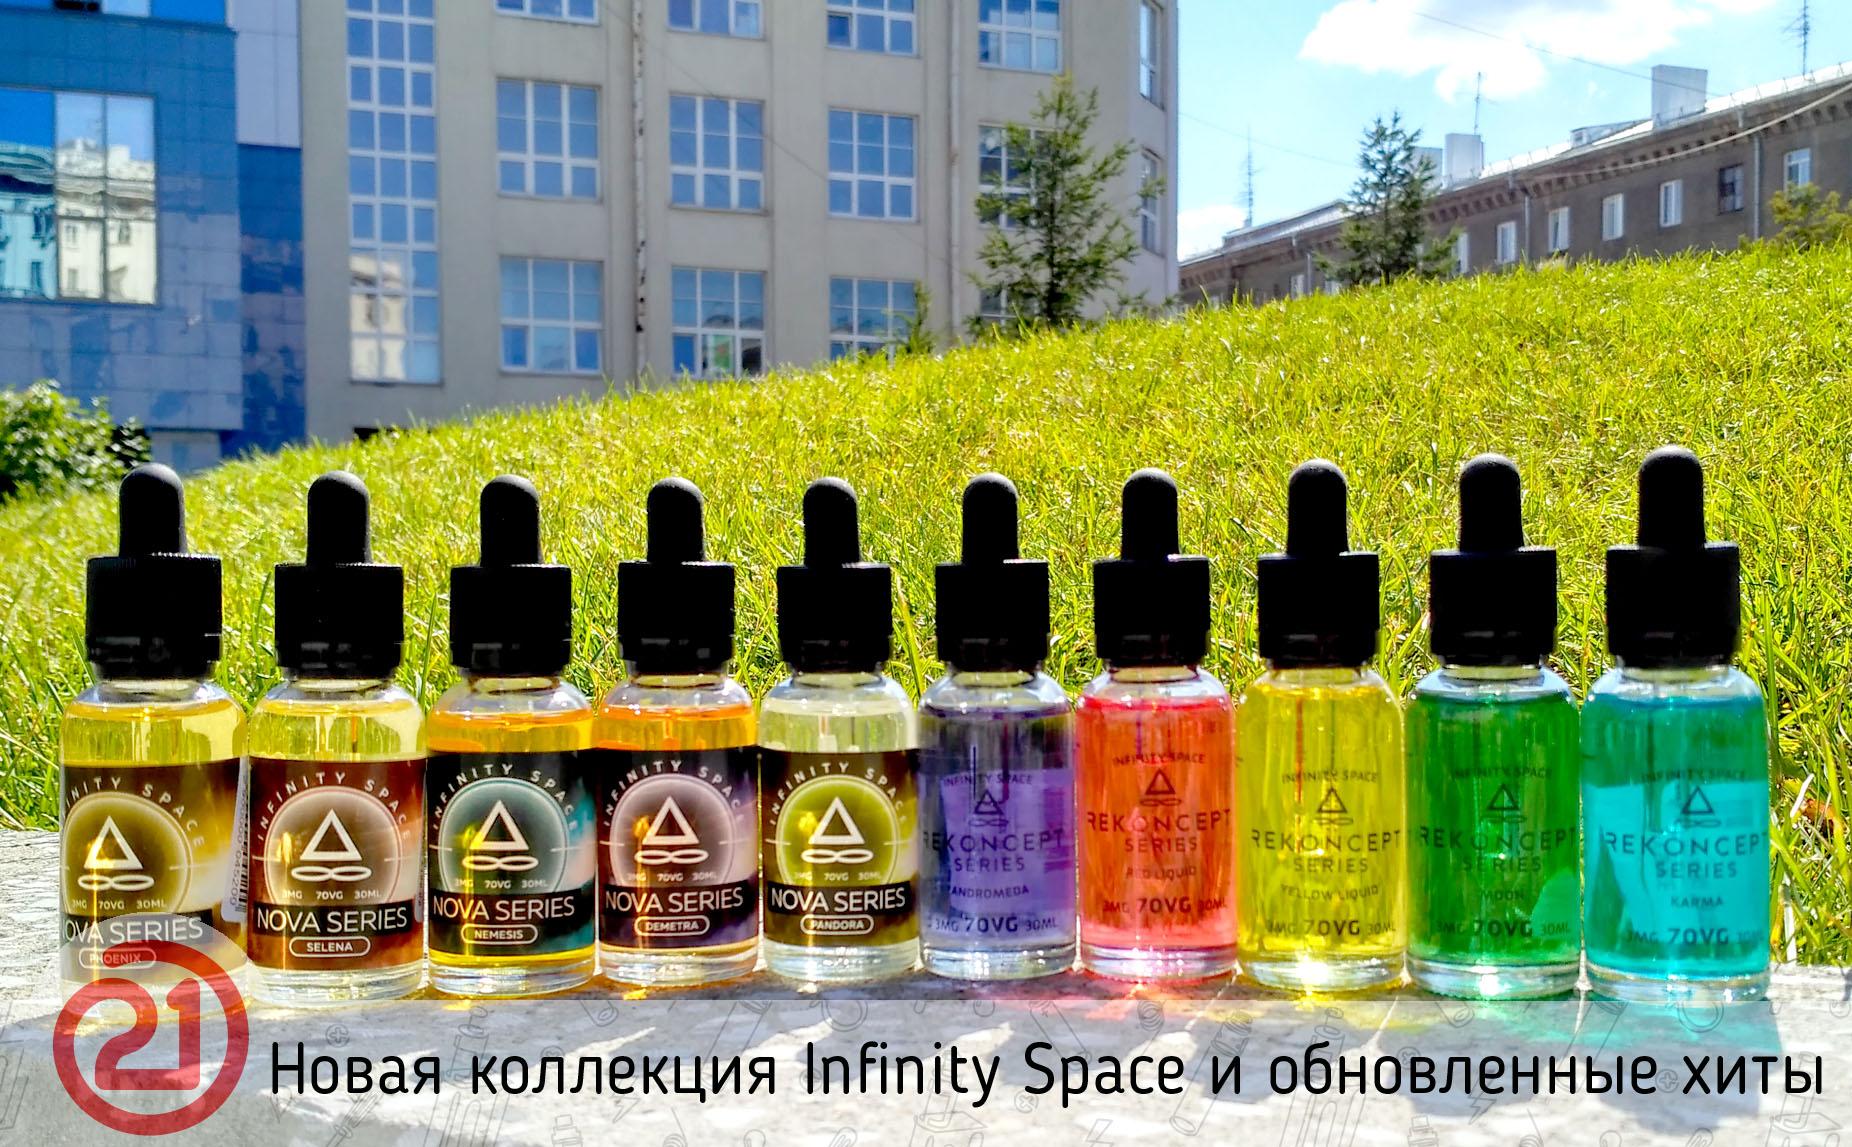 vp21-ru-reconcept-Infinity-Space.jpg